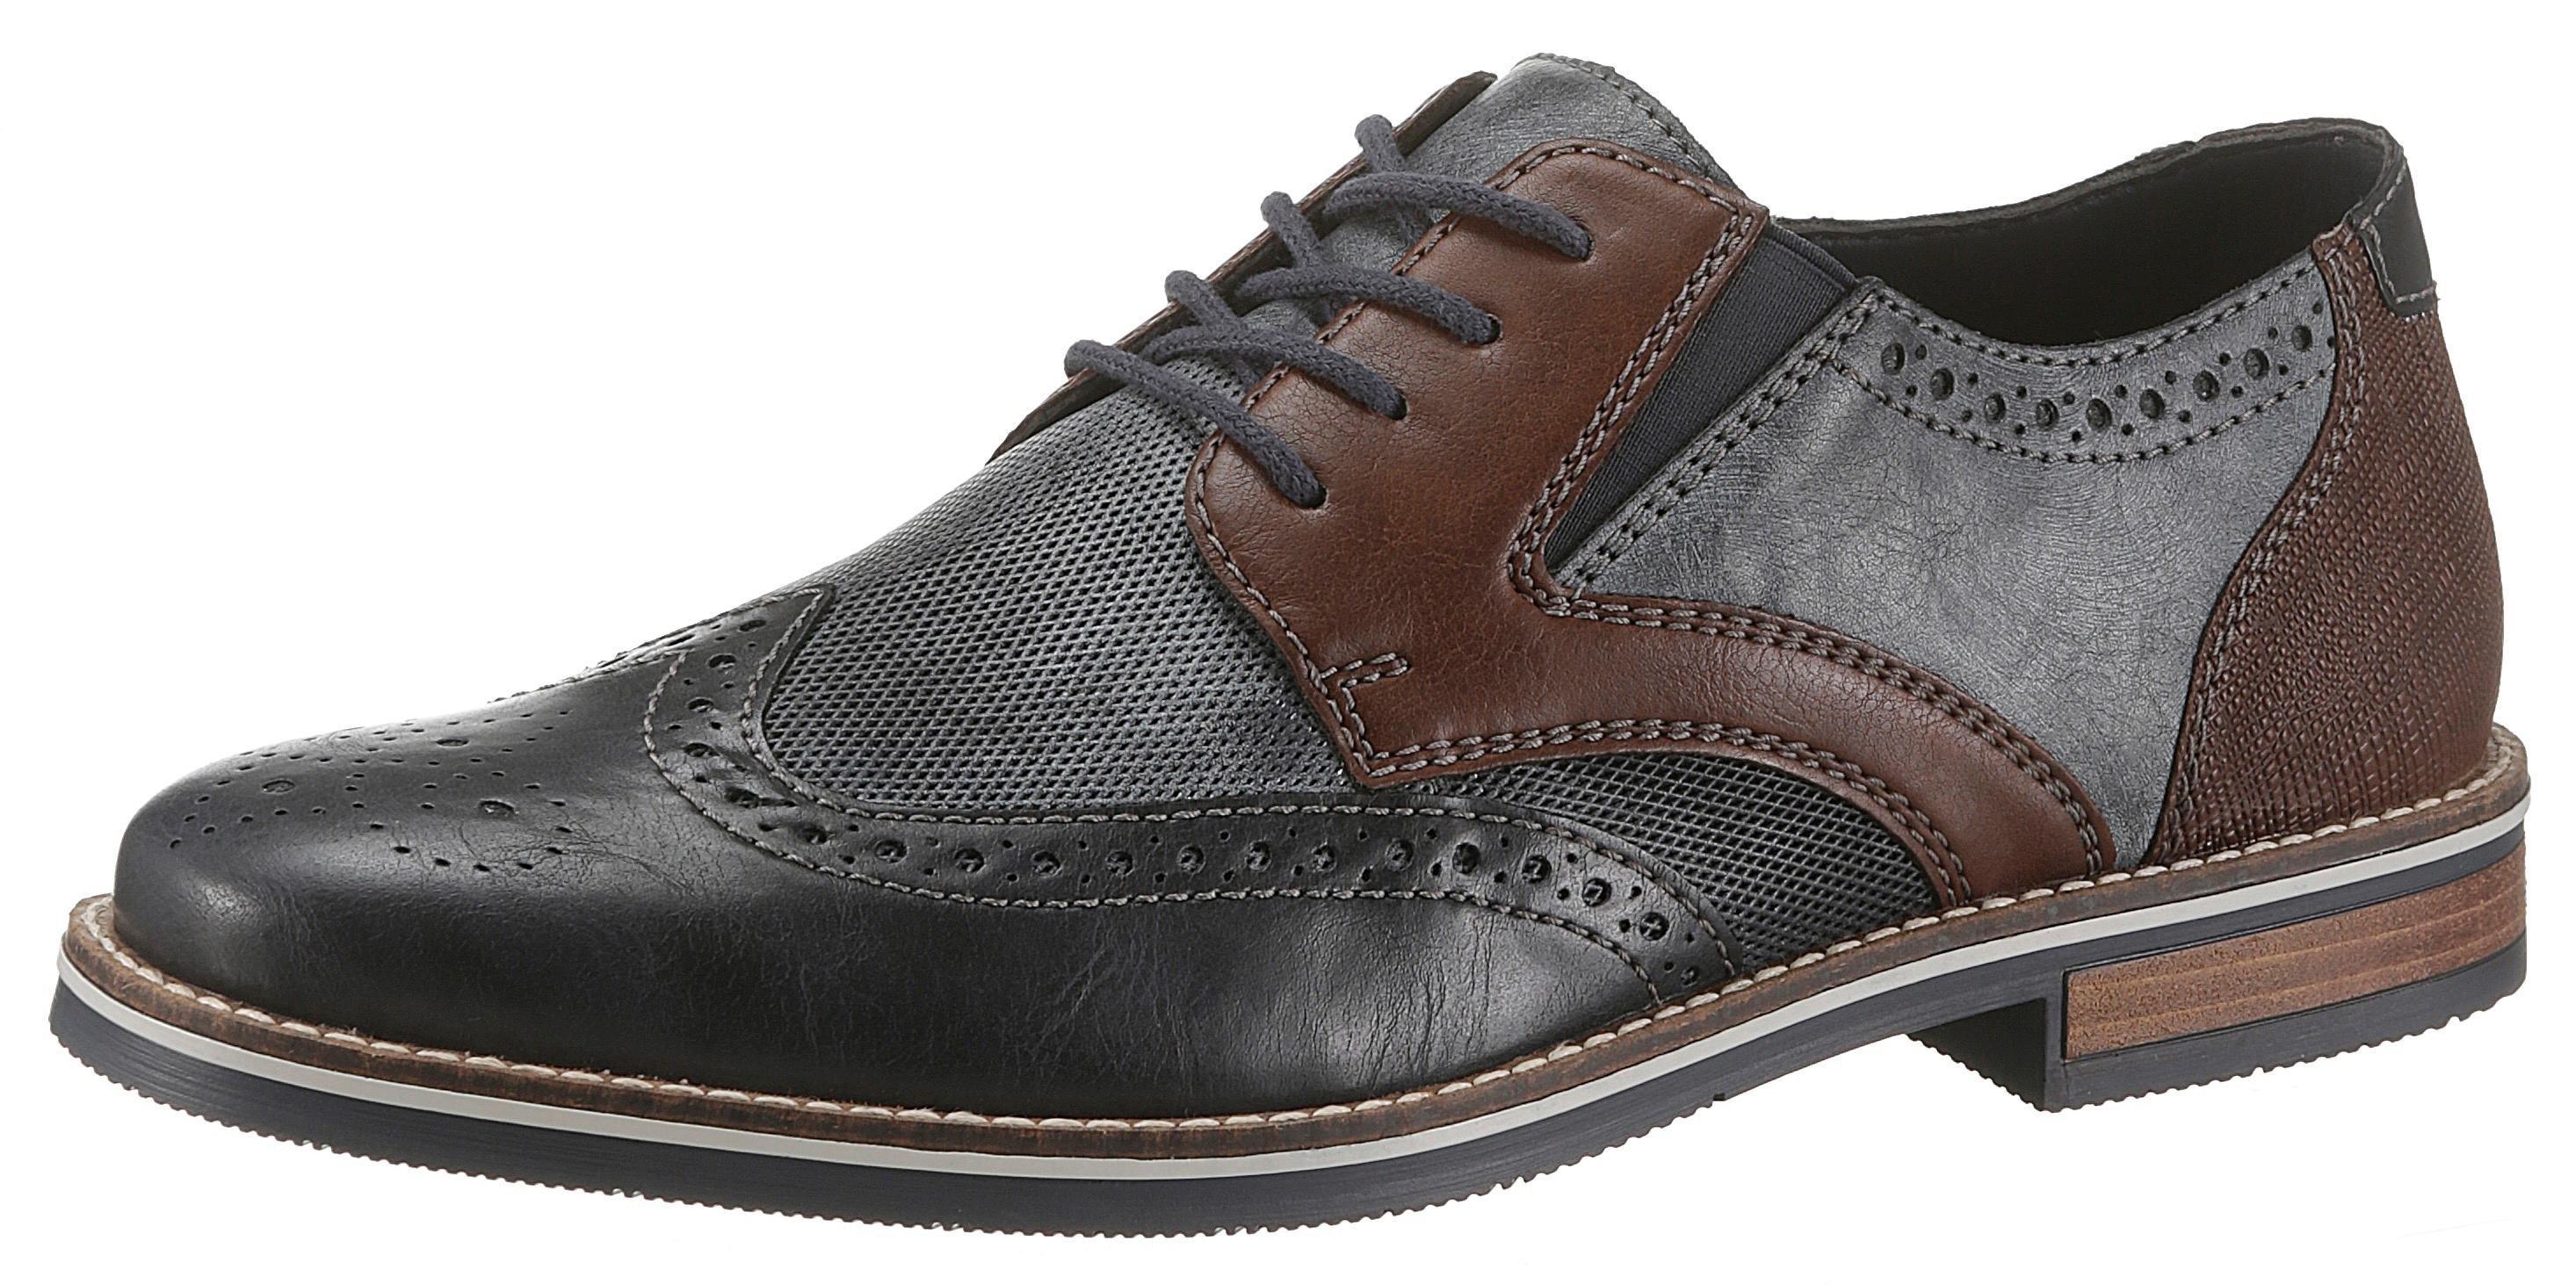 Rieker schoenen met Boedapest-perforatie nu online bestellen